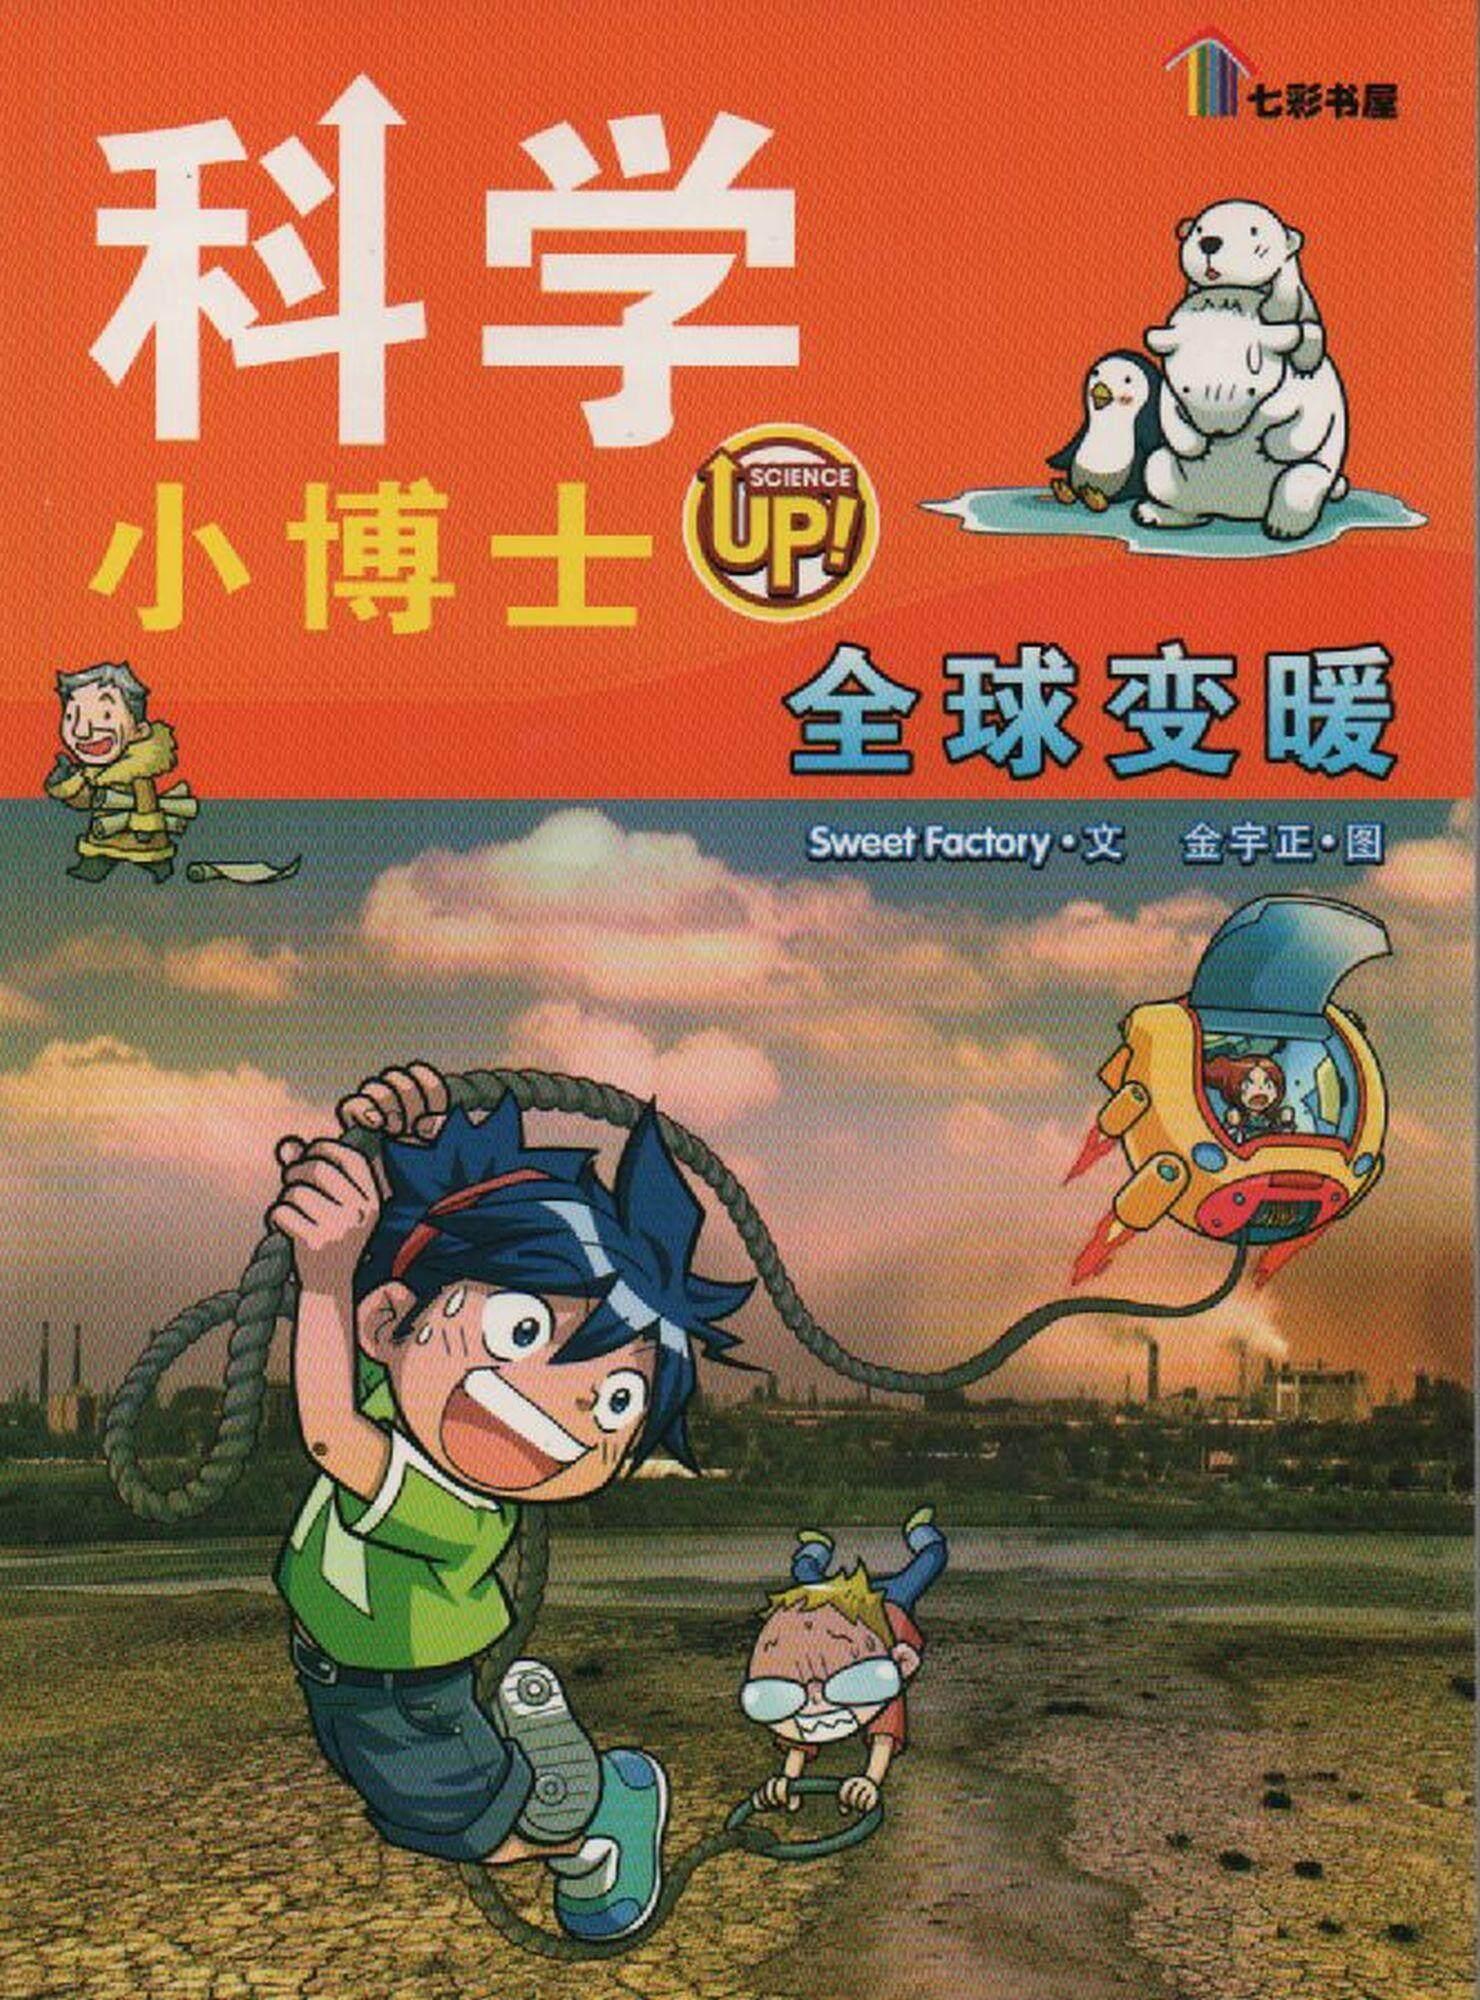 Tunas Pelangi-Ke Xue Xiao Bo Shi 7 - Quan Qiu Bian Nuan 科学小博士7-全球变暖 By Topbooks.